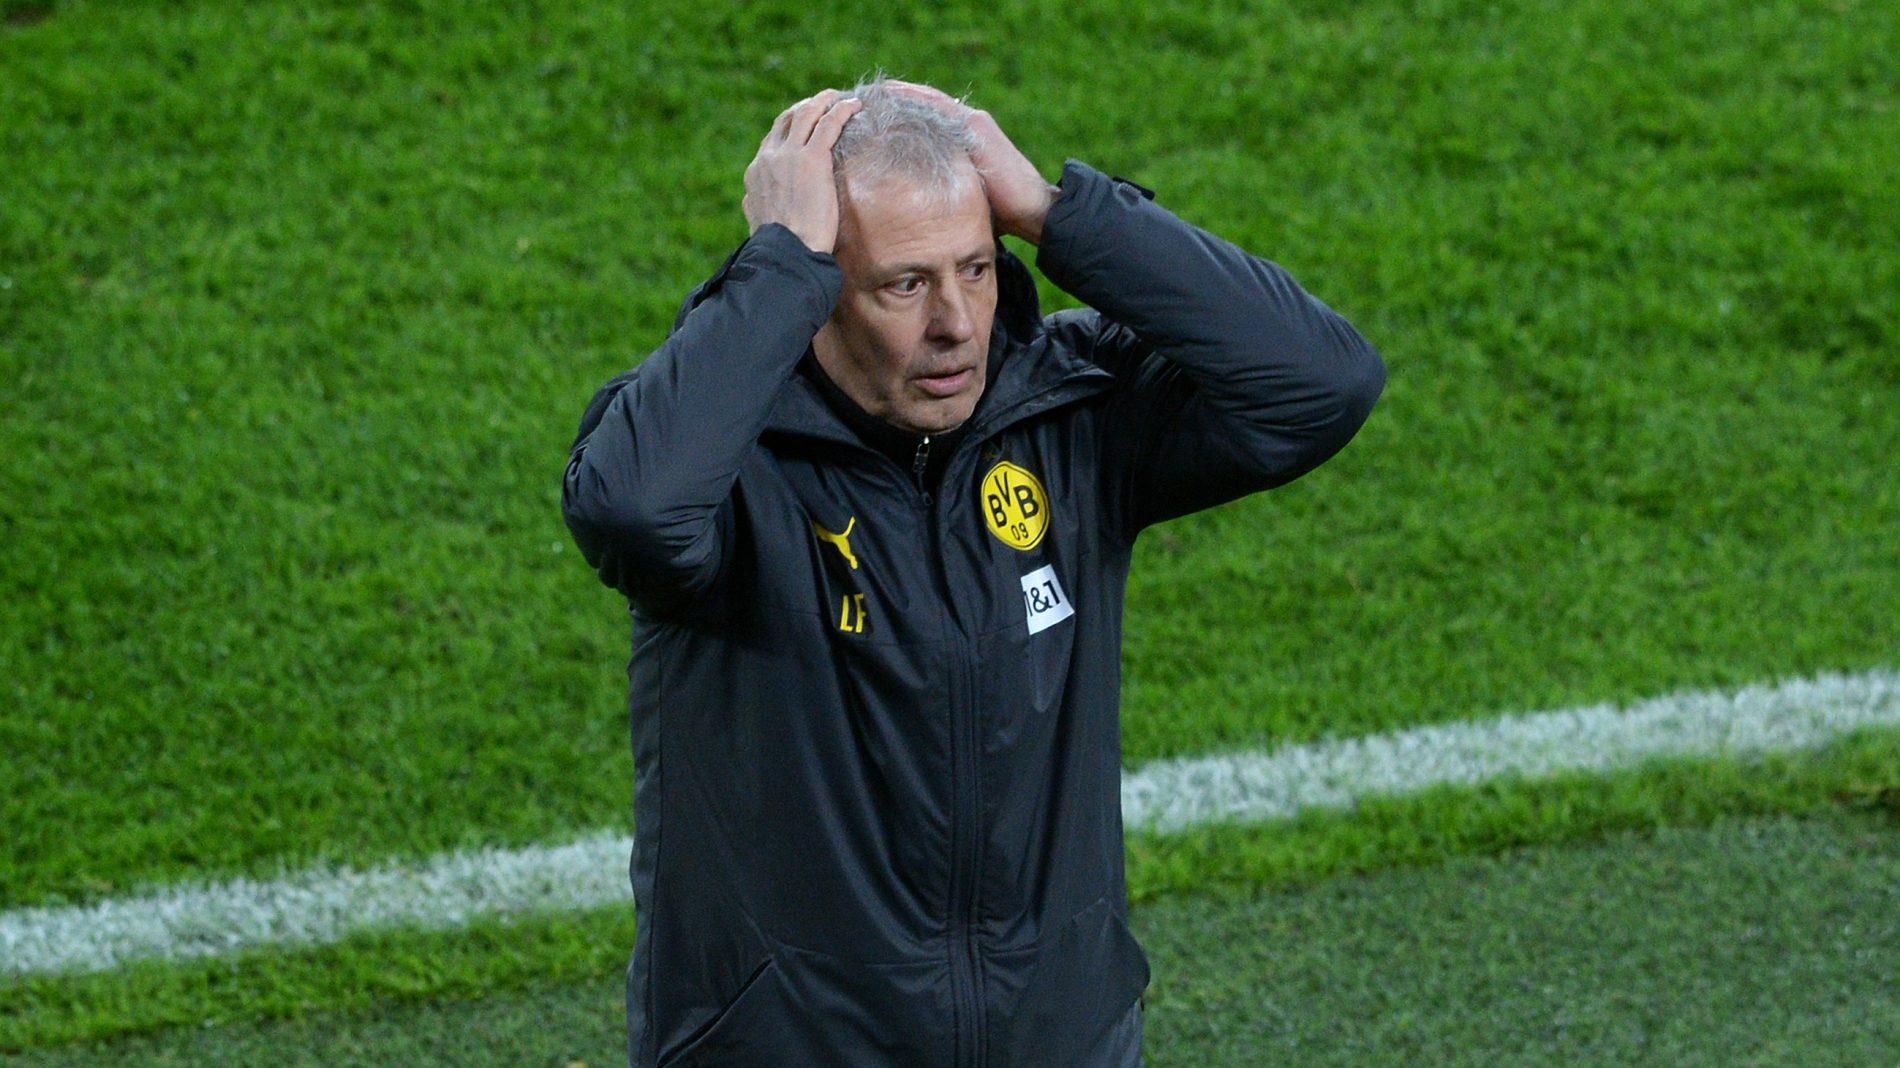 赫韦德斯:法夫尔不是个冠军教练,他还没做好夺冠准备